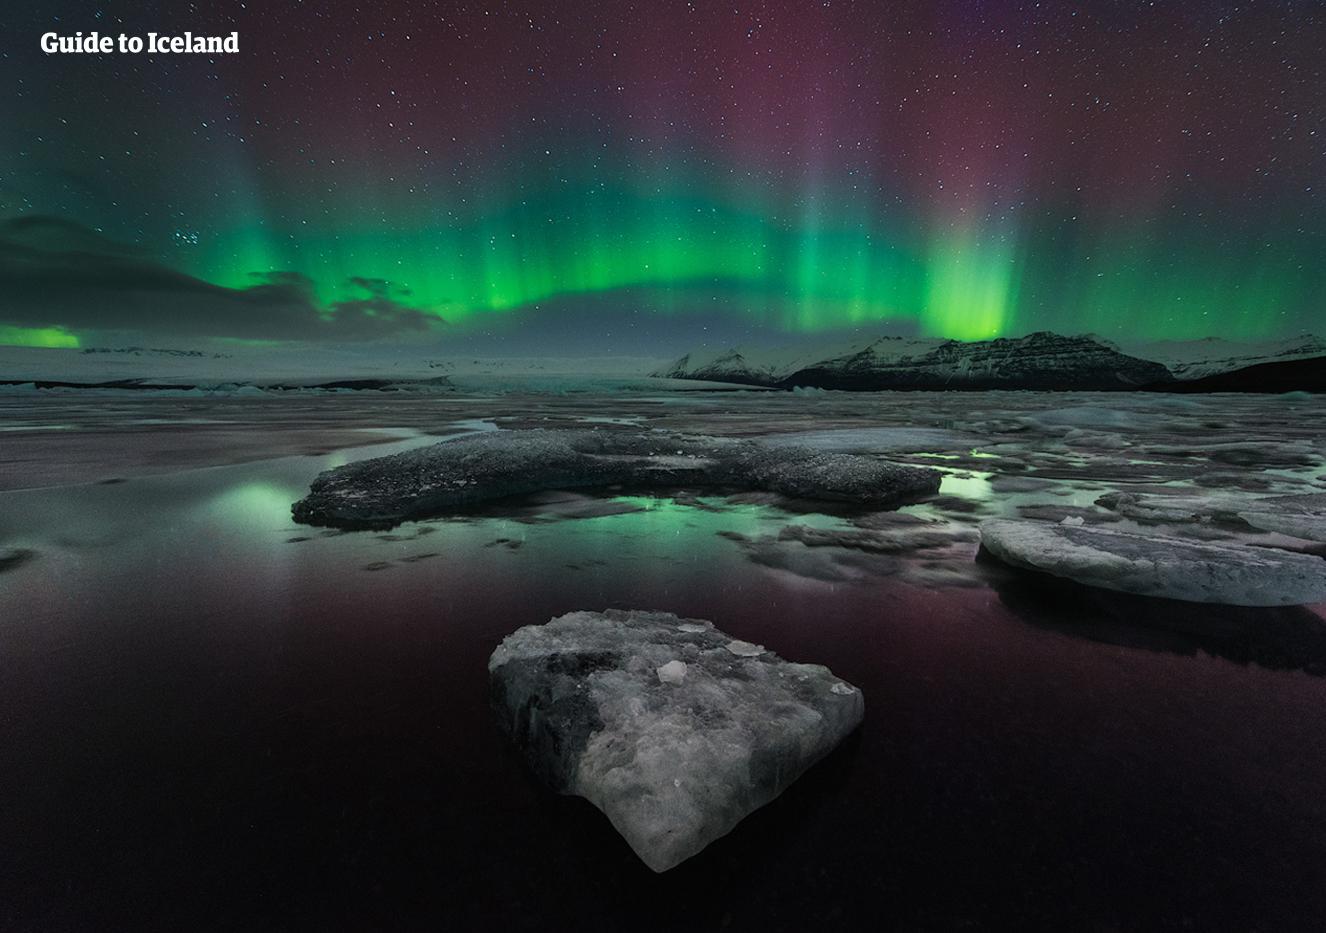 오로라가 요쿨살론 빙하 호수 위를 형형색색으로 장식했습니다.